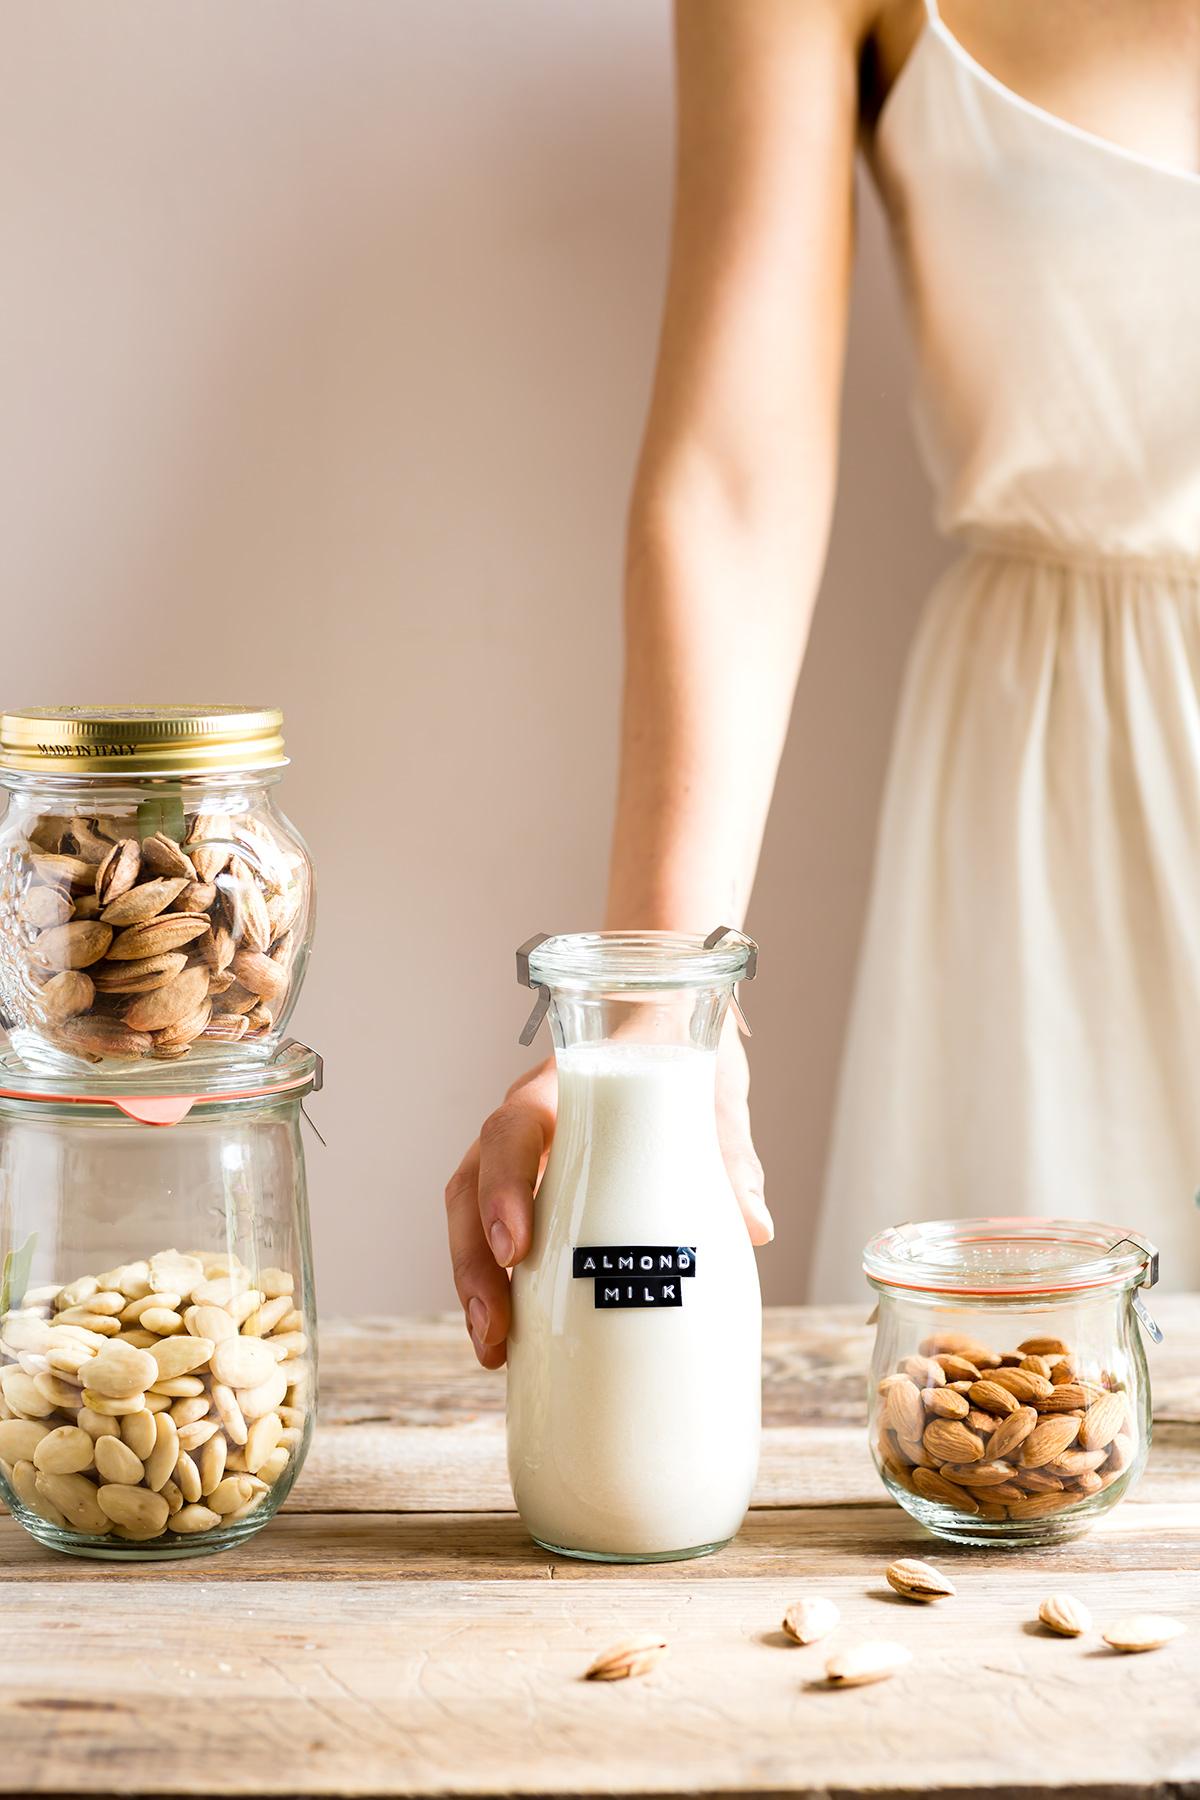 How to make vegan homemade ALMOND MILK dairyfree milk recipe ricetta LATTE di MANDORLE fatto in casa vegan senza lattosio con estrattore facile veloce